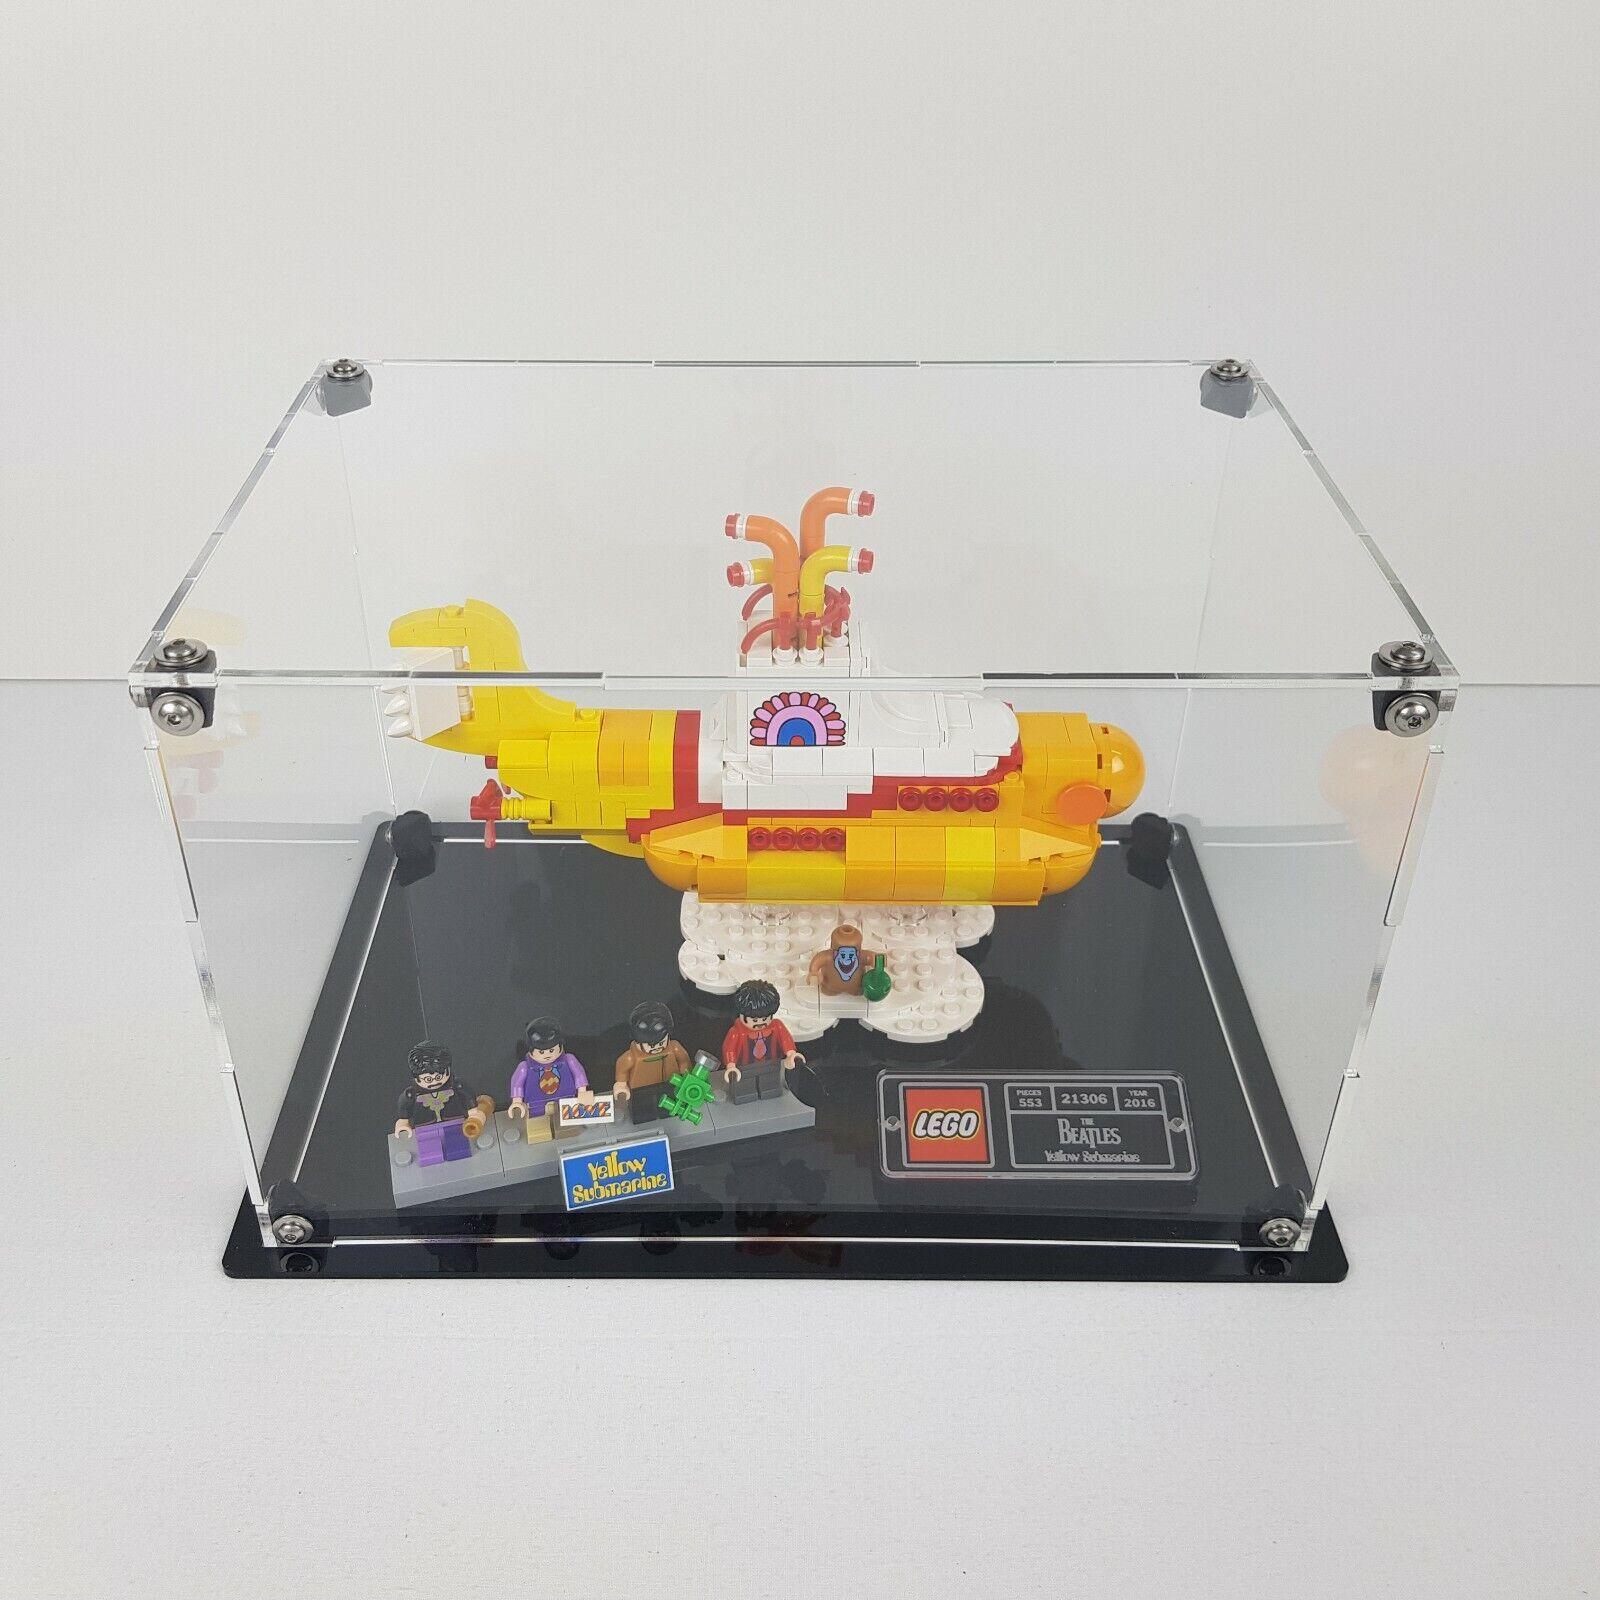 Teca zeigen LEGO 21306 Gelb Submarine